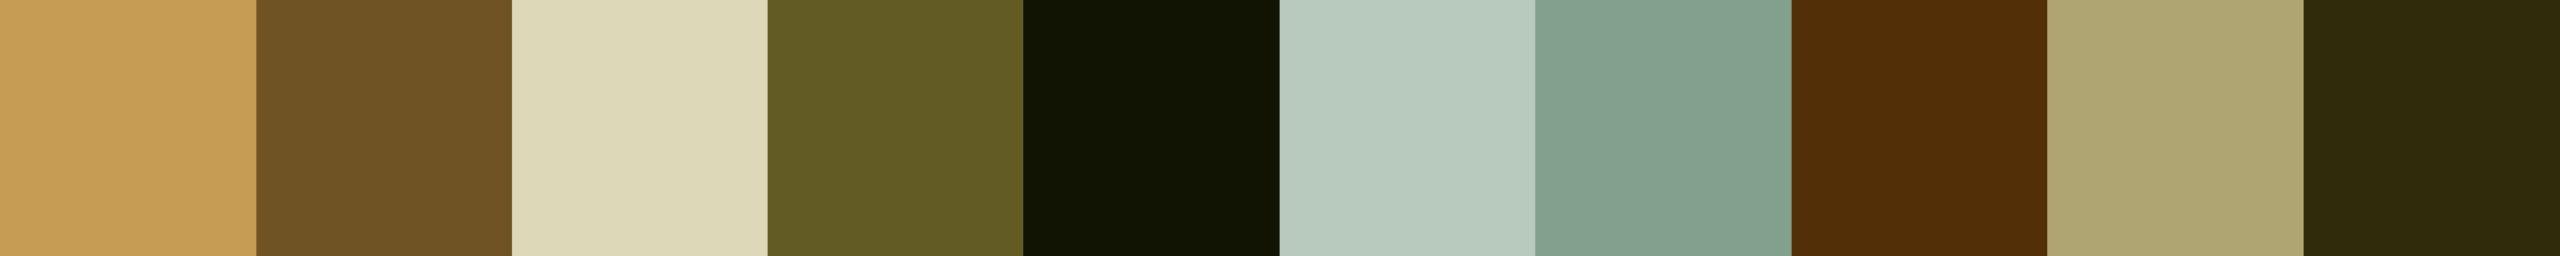 99 Niopoia Color Palette